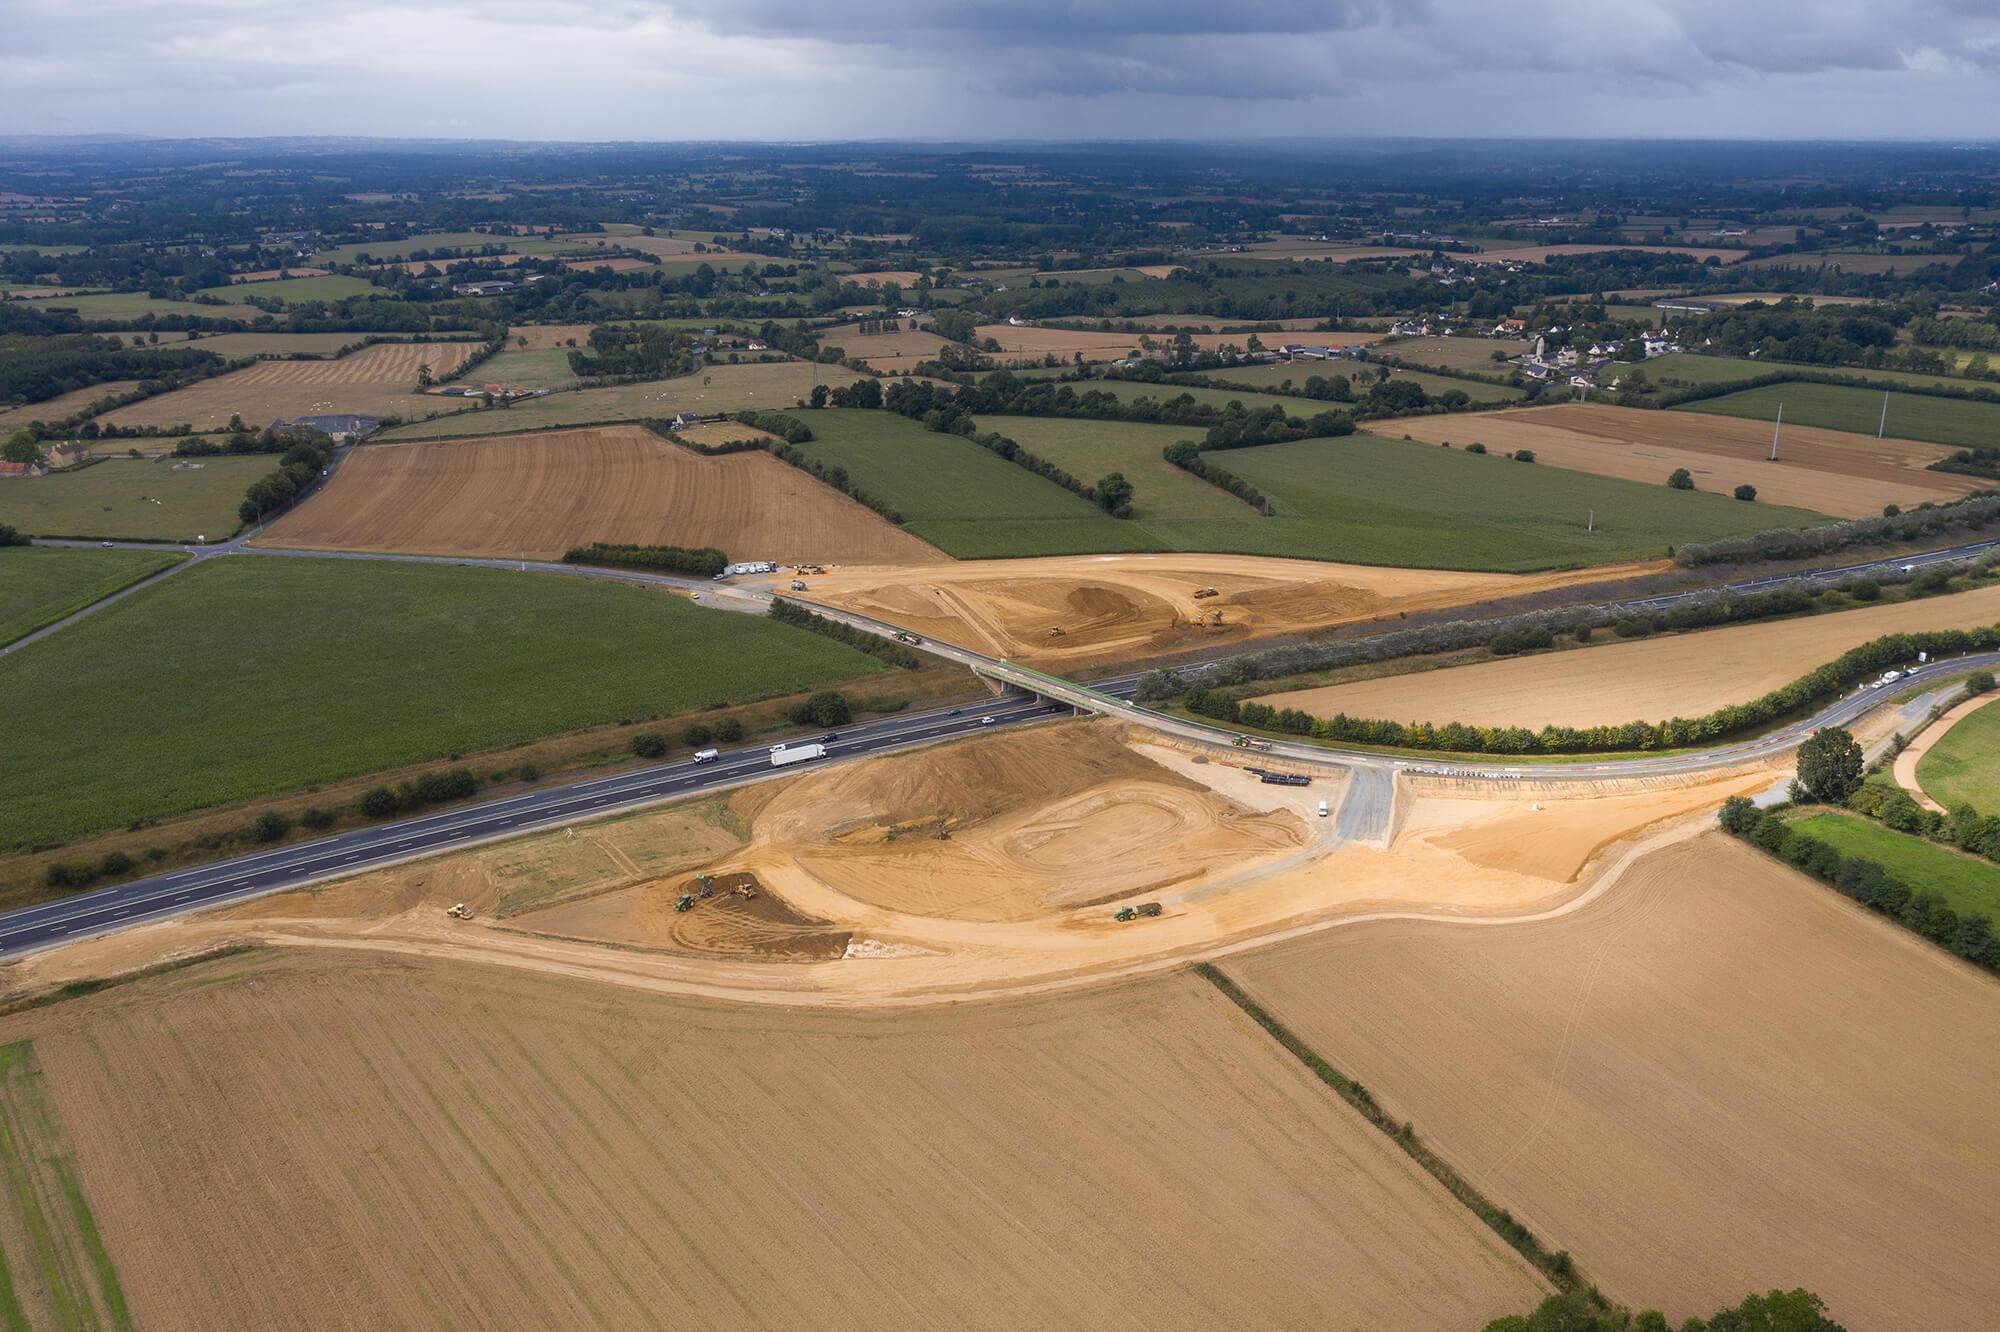 Mastell chantier Monceaux en Bessin sept 2019 (3)